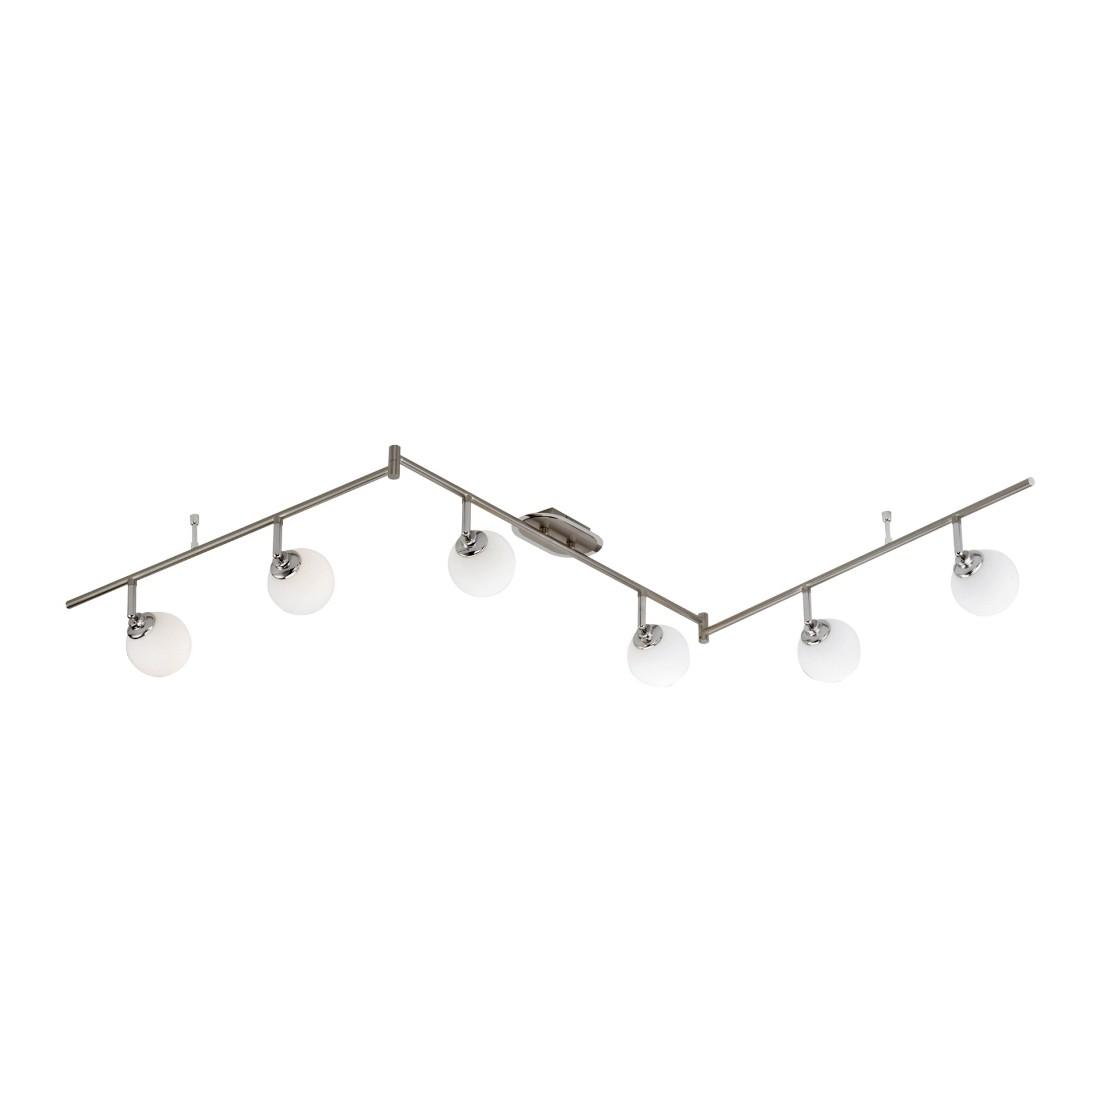 Deckenleuchte Bola – 6-flammig, modern – Dreh- und schwenkbar – Stahl, Opalglas – metallfarben, weiß, Paul Neuhaus jetzt kaufen